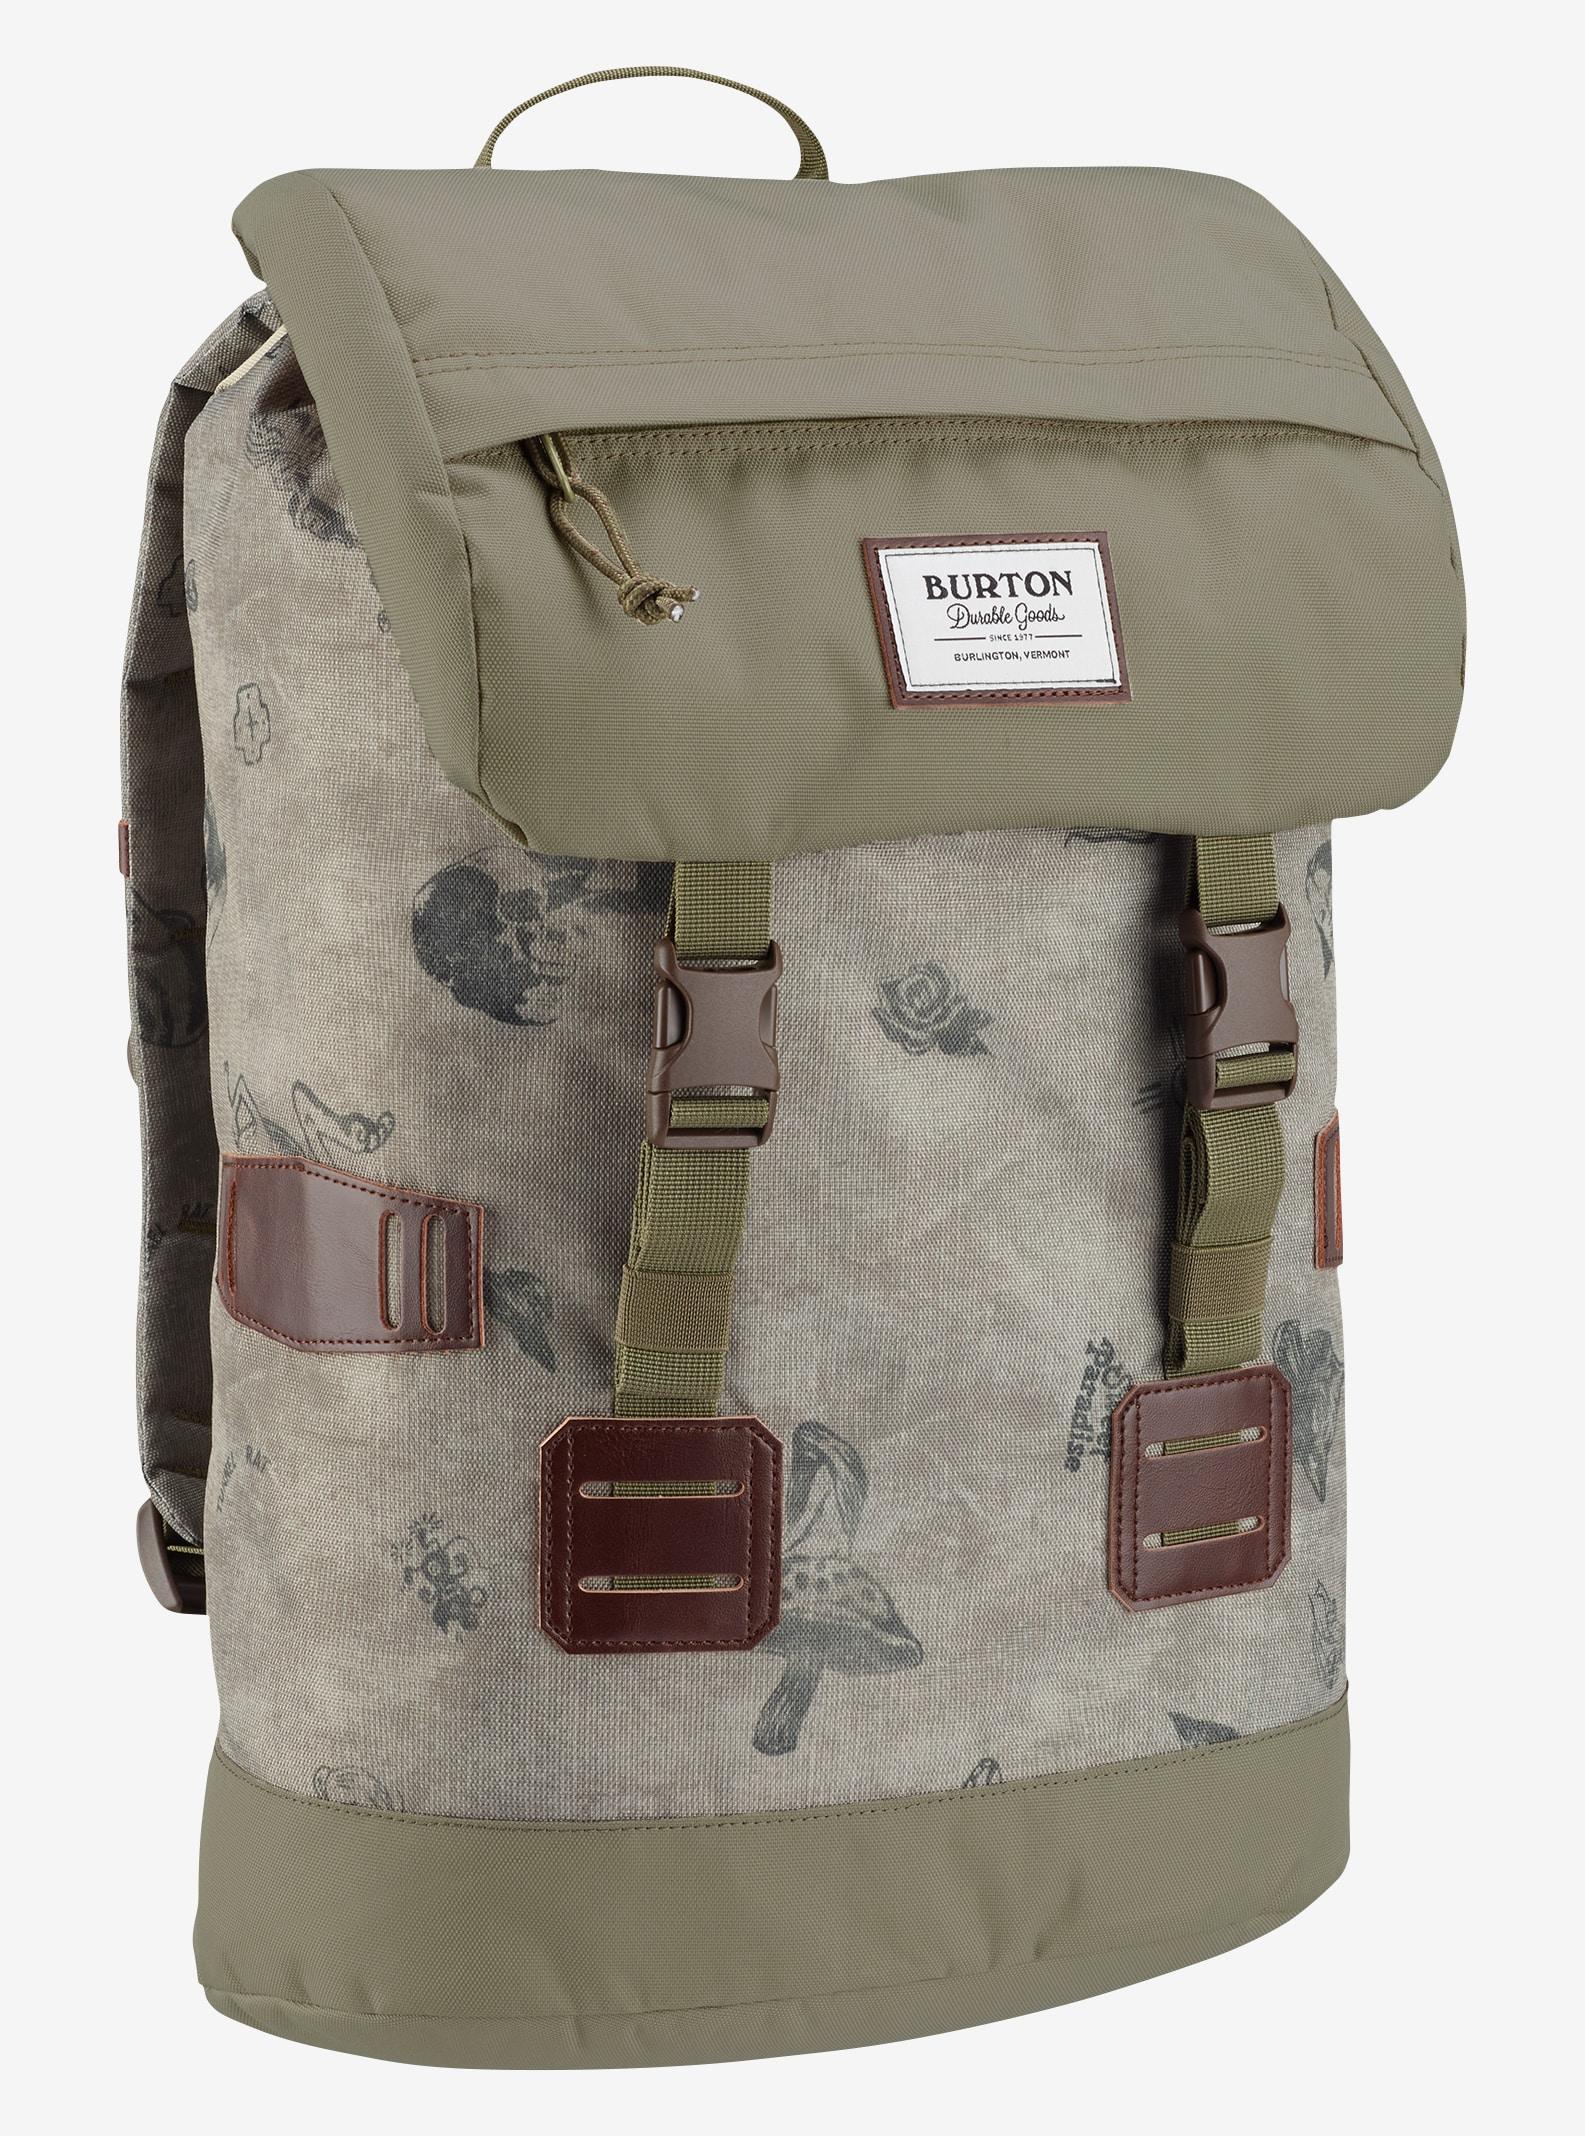 Burton Tinder Backpack shown in Artifact Print